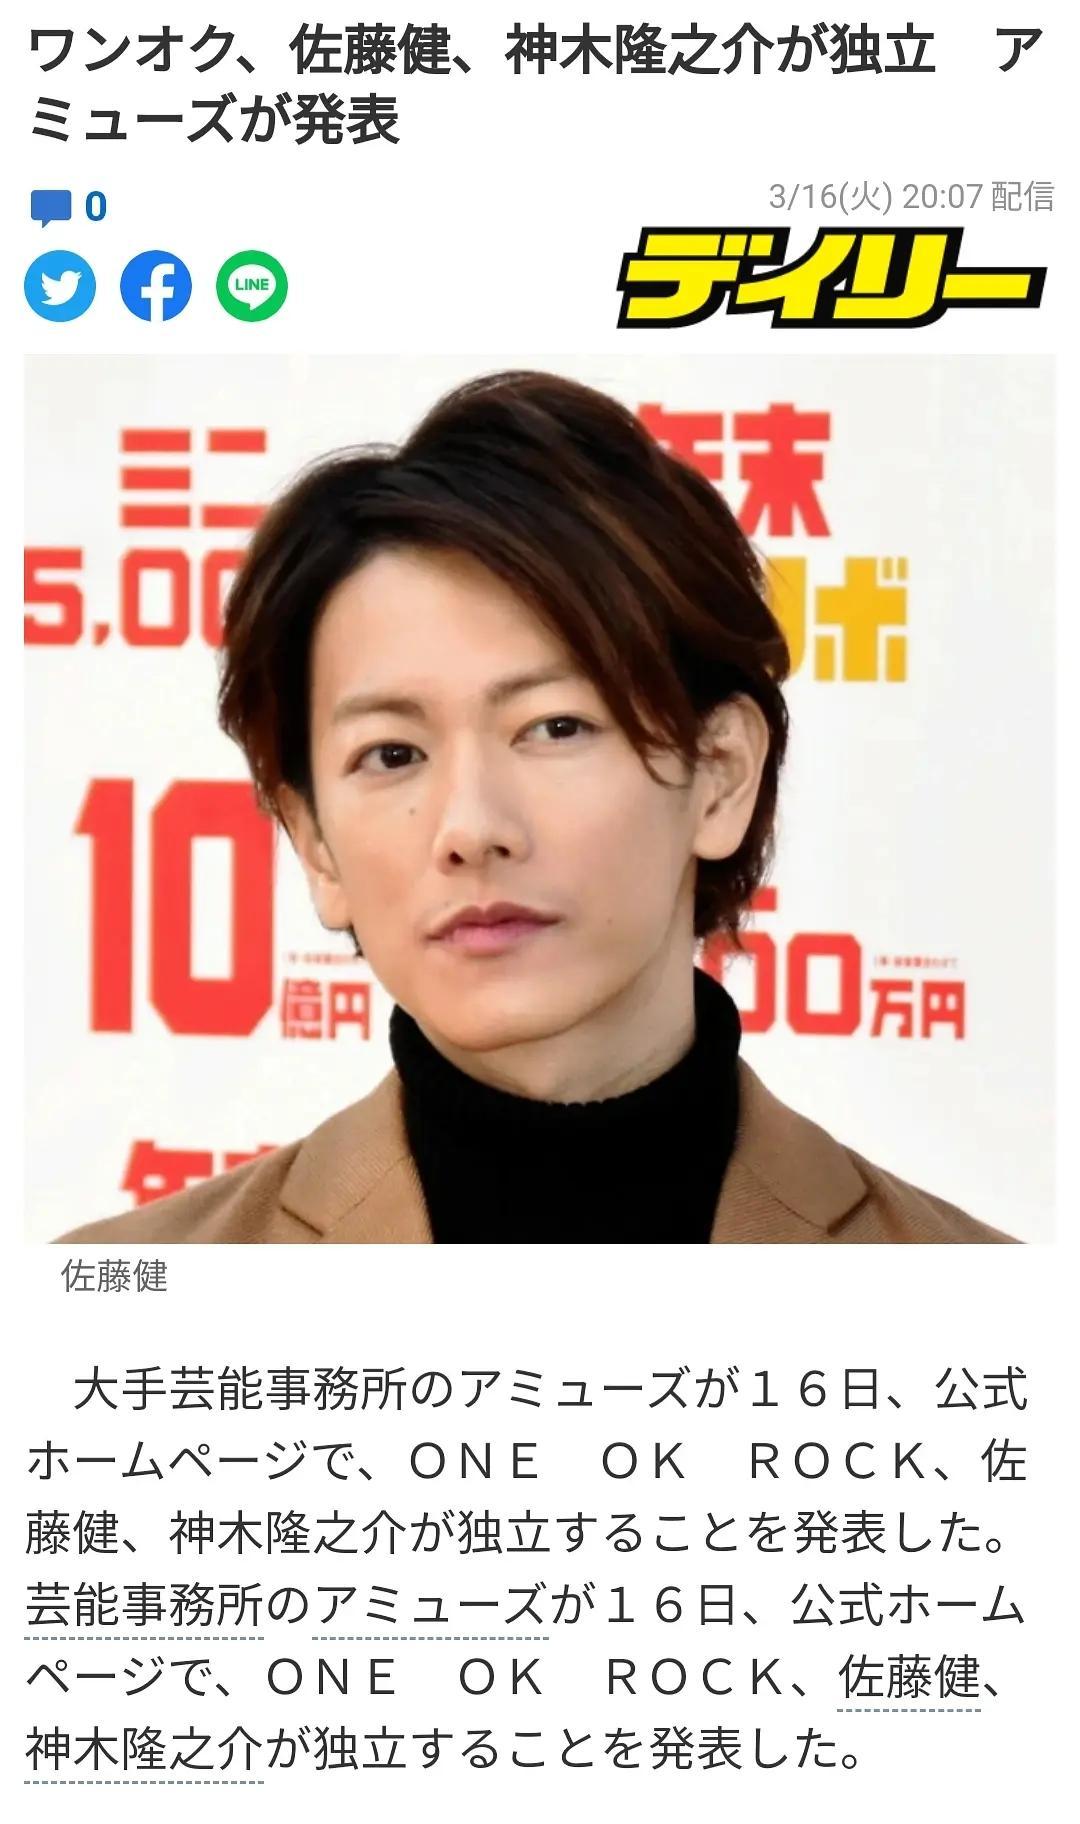 """佐藤健,神木隆之介&ONE OK ROCK宣布将退出AMUSE事务所,与原公司""""藕断丝连""""??"""